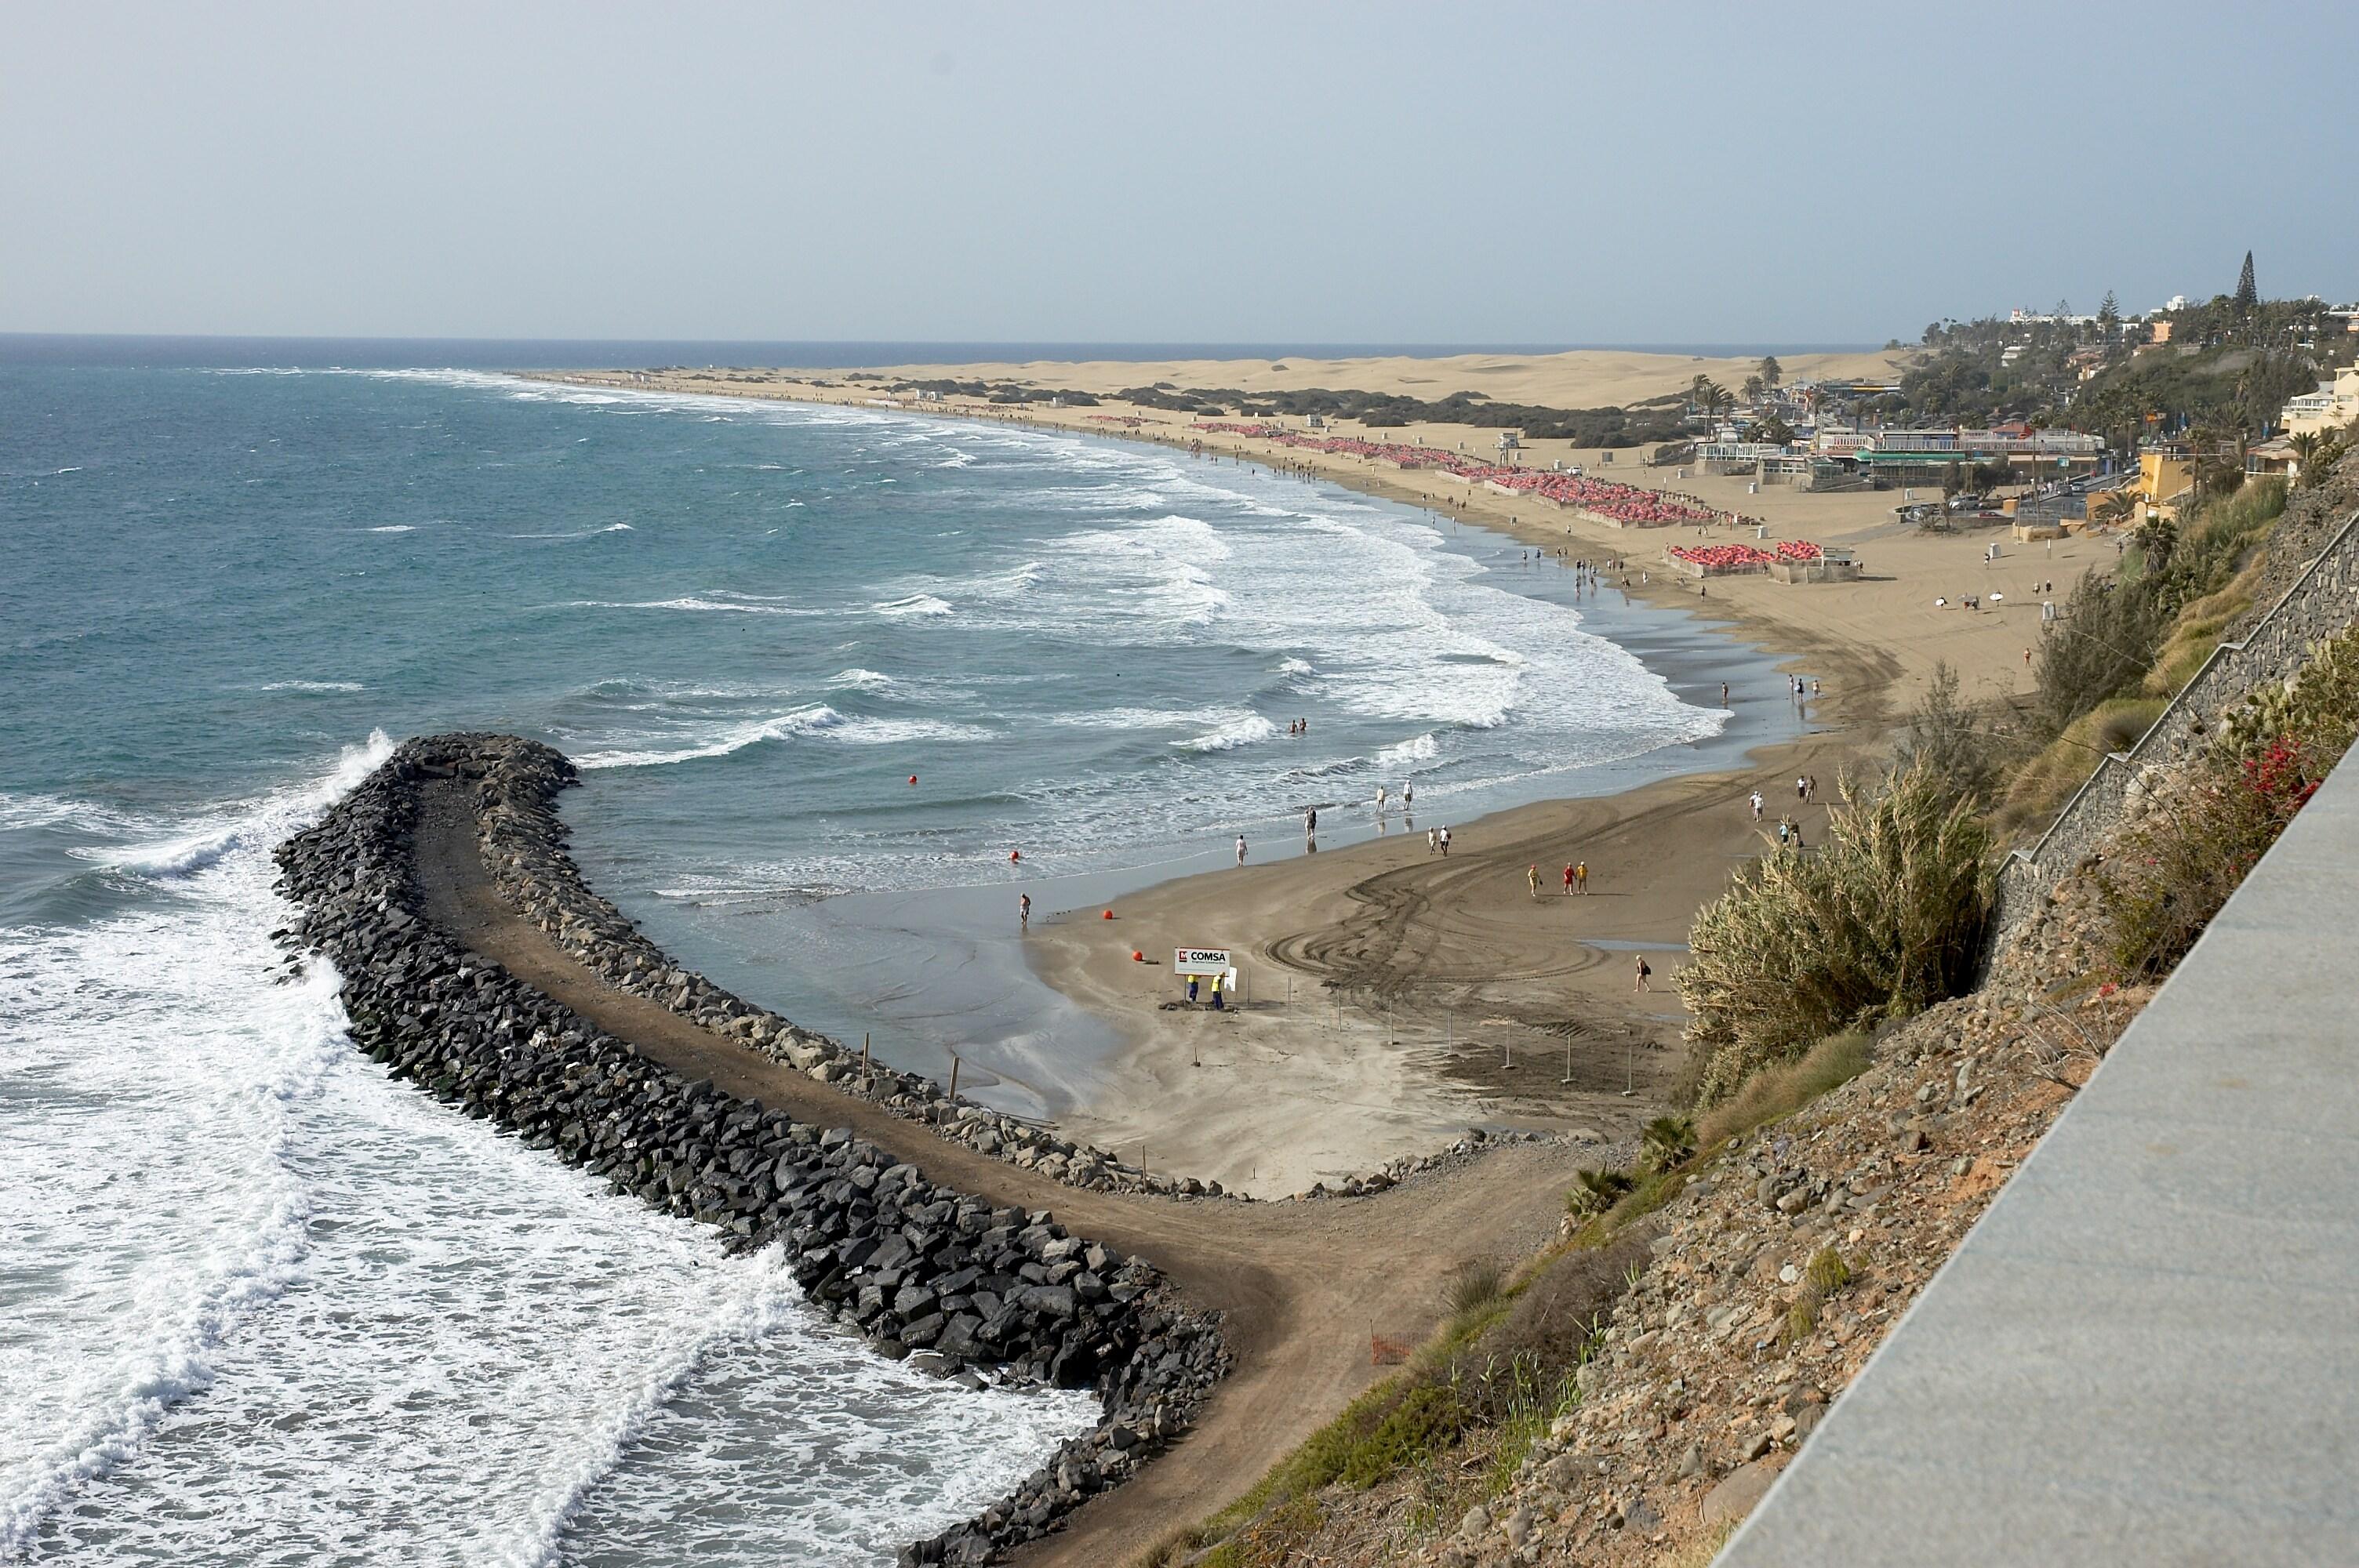 Playa Del Ingles Hotel Dunamar